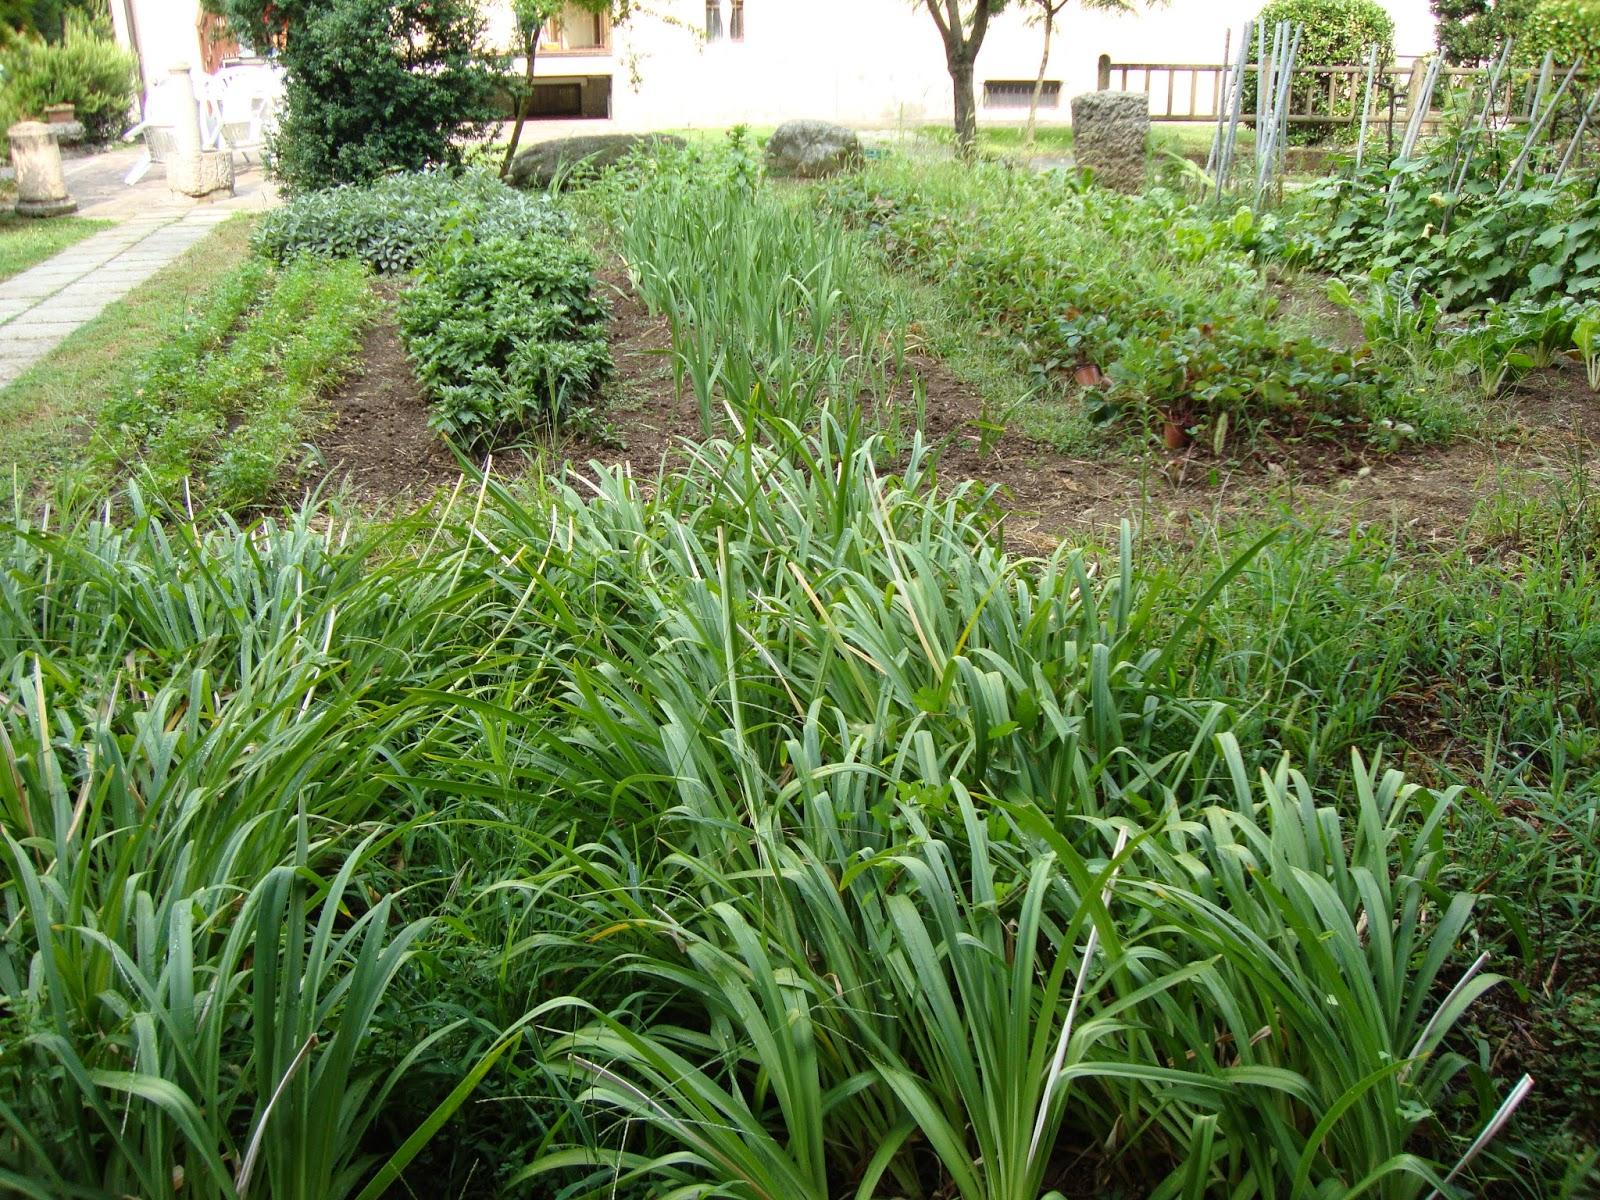 Un piccolo giardino in citt l 39 orto giardino del parroco - Comporre un giardino ...